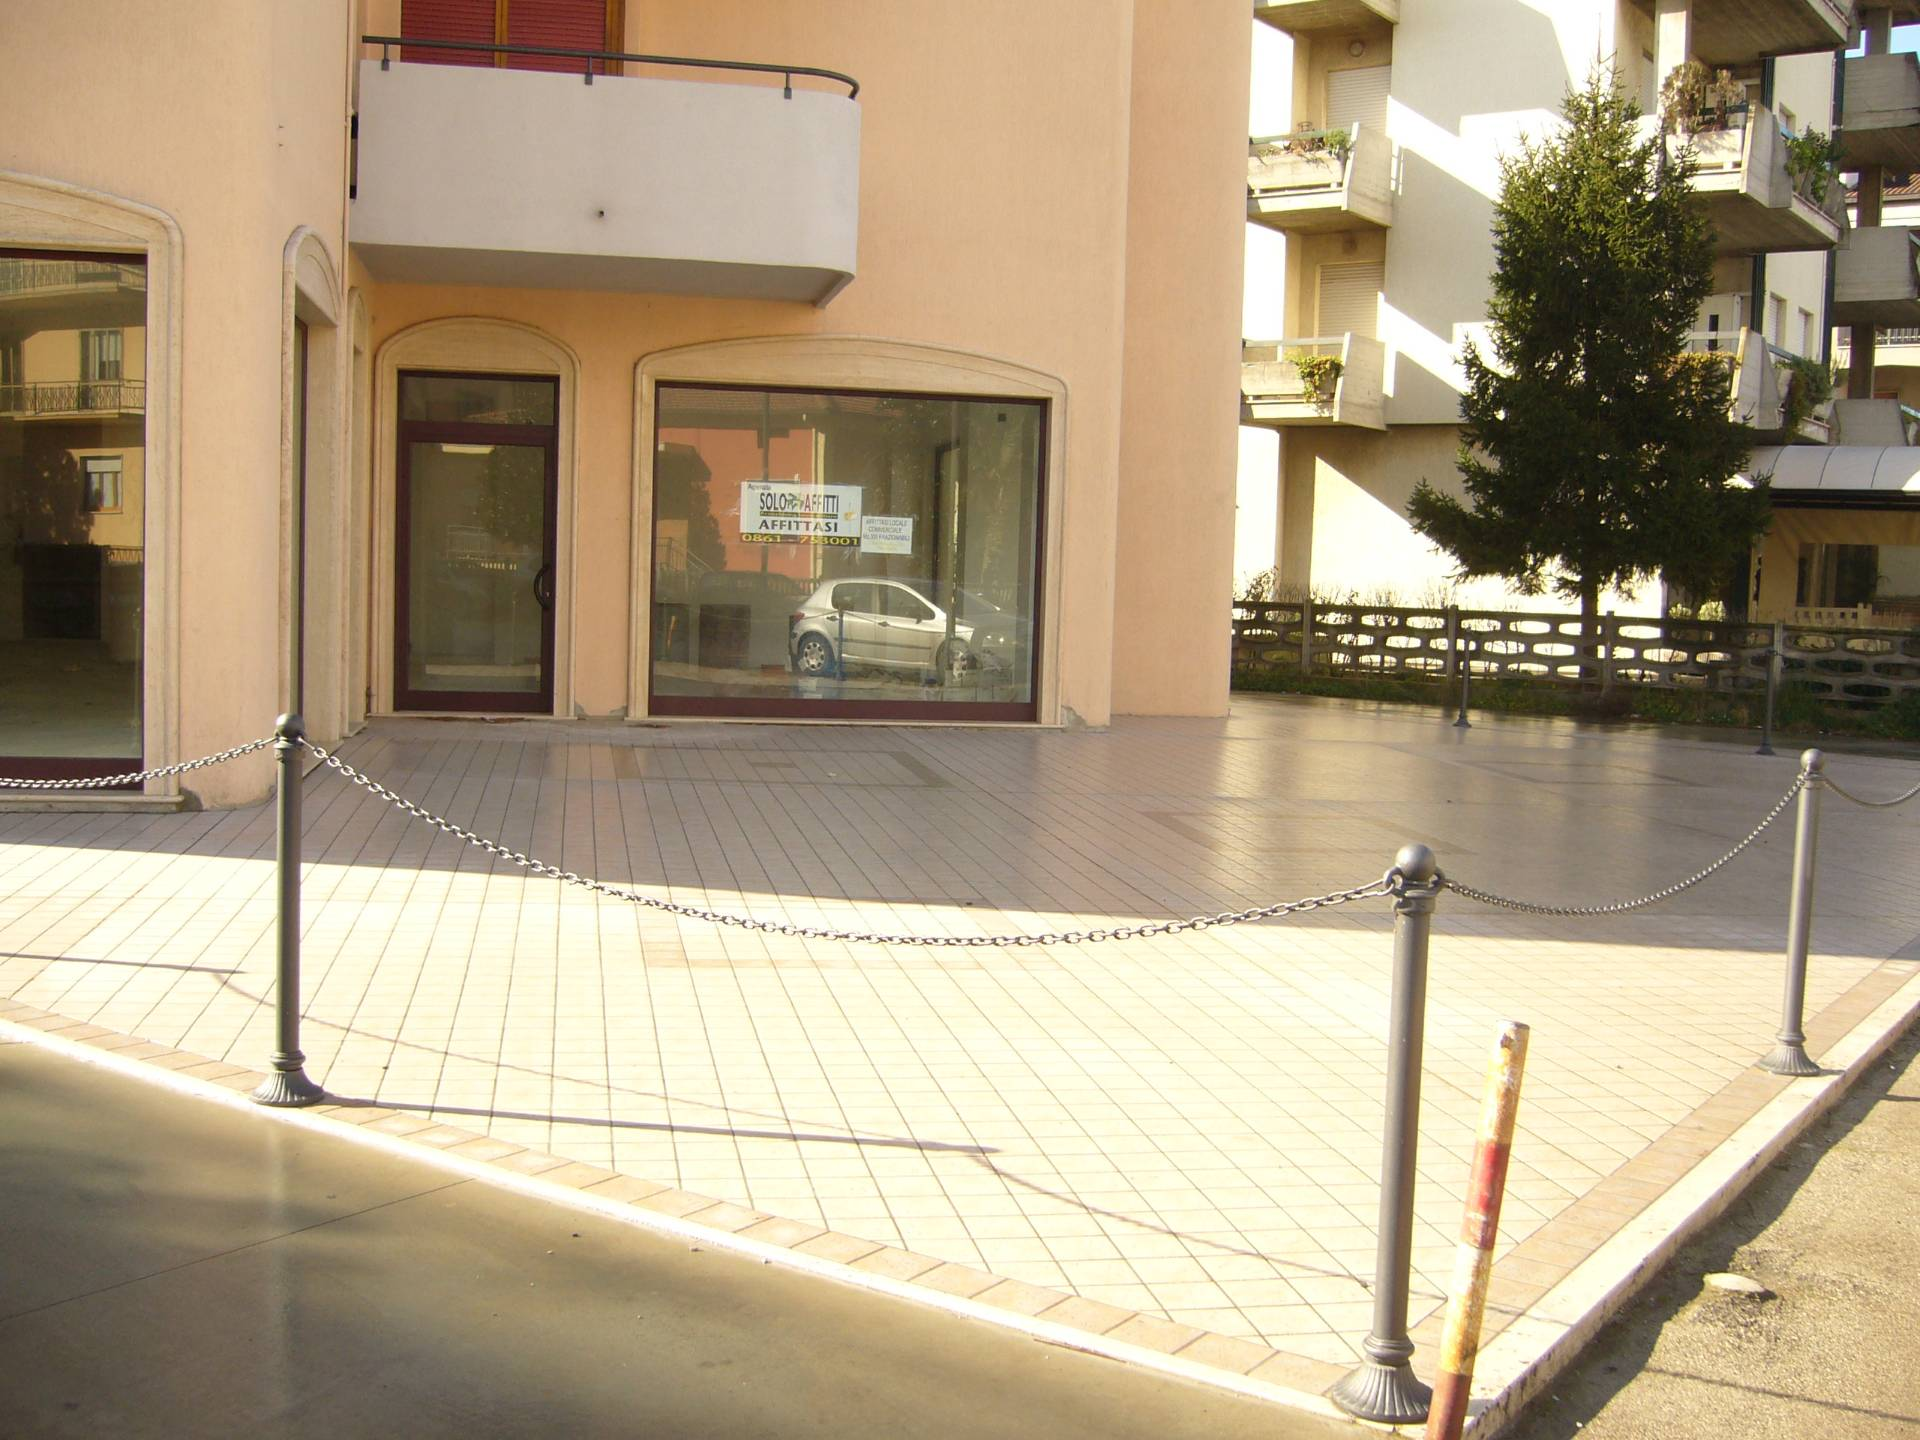 Negozio / Locale in affitto a Alba Adriatica, 9999 locali, zona Località: ZonaMare, prezzo € 2.200 | Cambio Casa.it